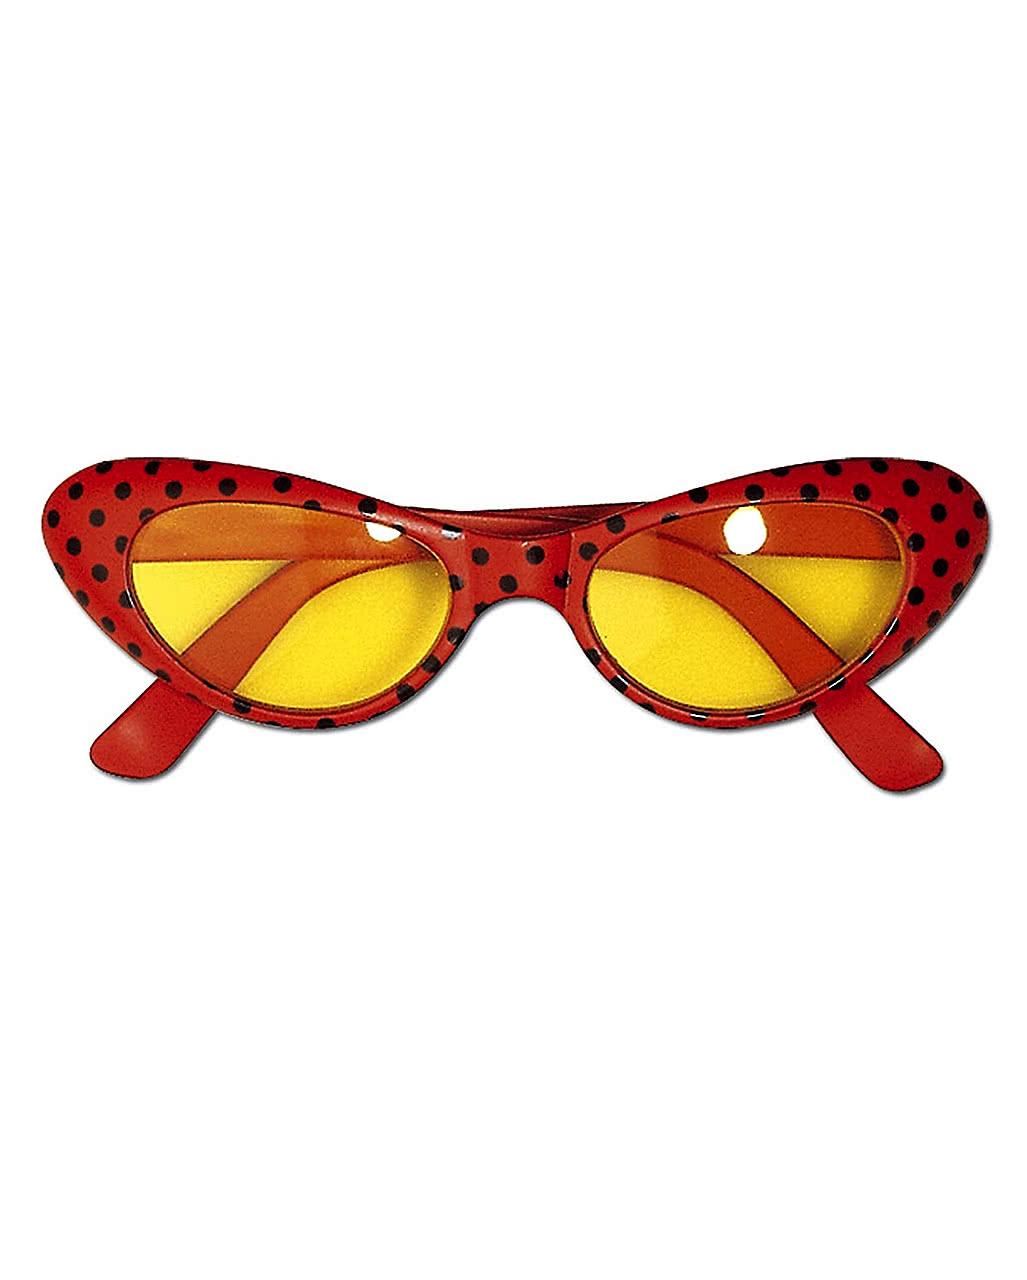 Disco Brille rot mit Punkten für Mottopartys   Horror-Shop.com